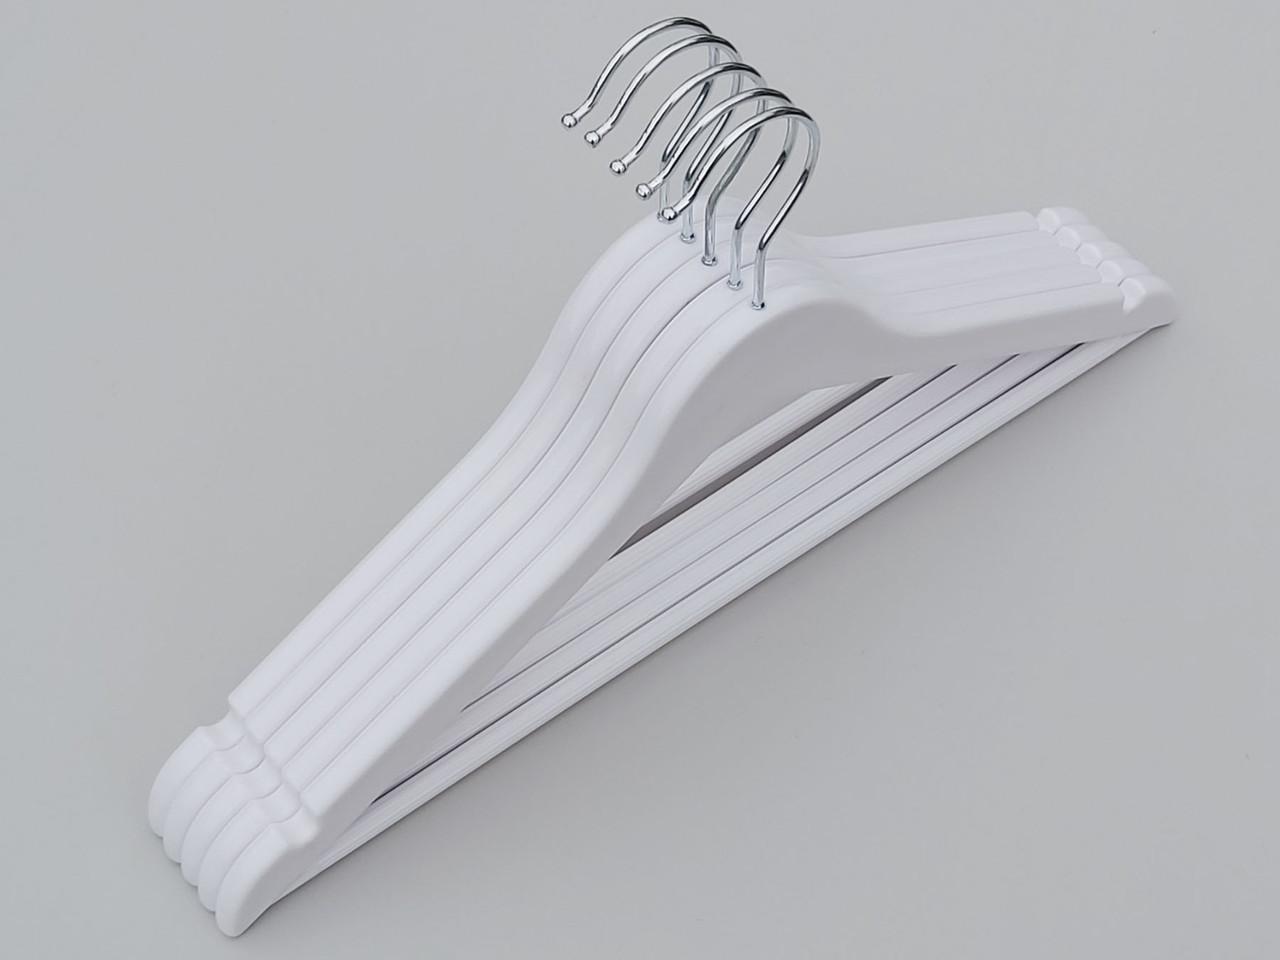 Длина 43 см. Плечики пластмассовые GGB-43 гладкие глянцевые белого цвета, 5 штук в упаковке